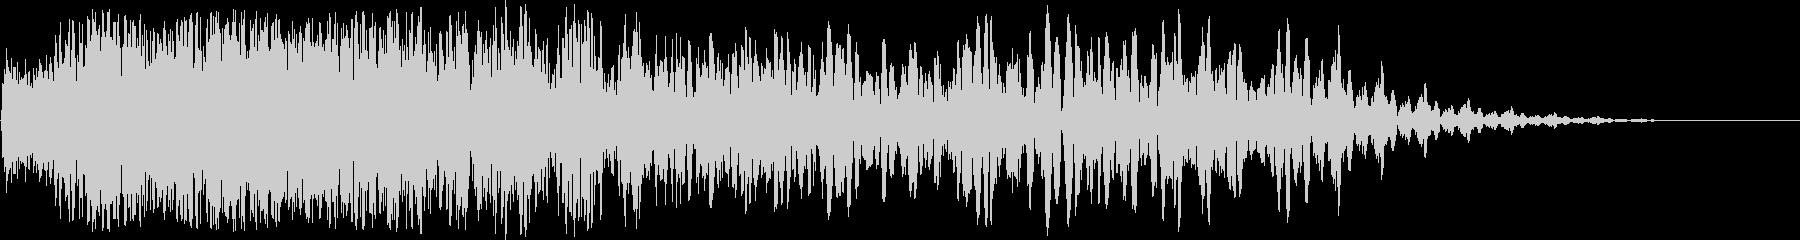 ヘビーインノイズディレイ2の未再生の波形